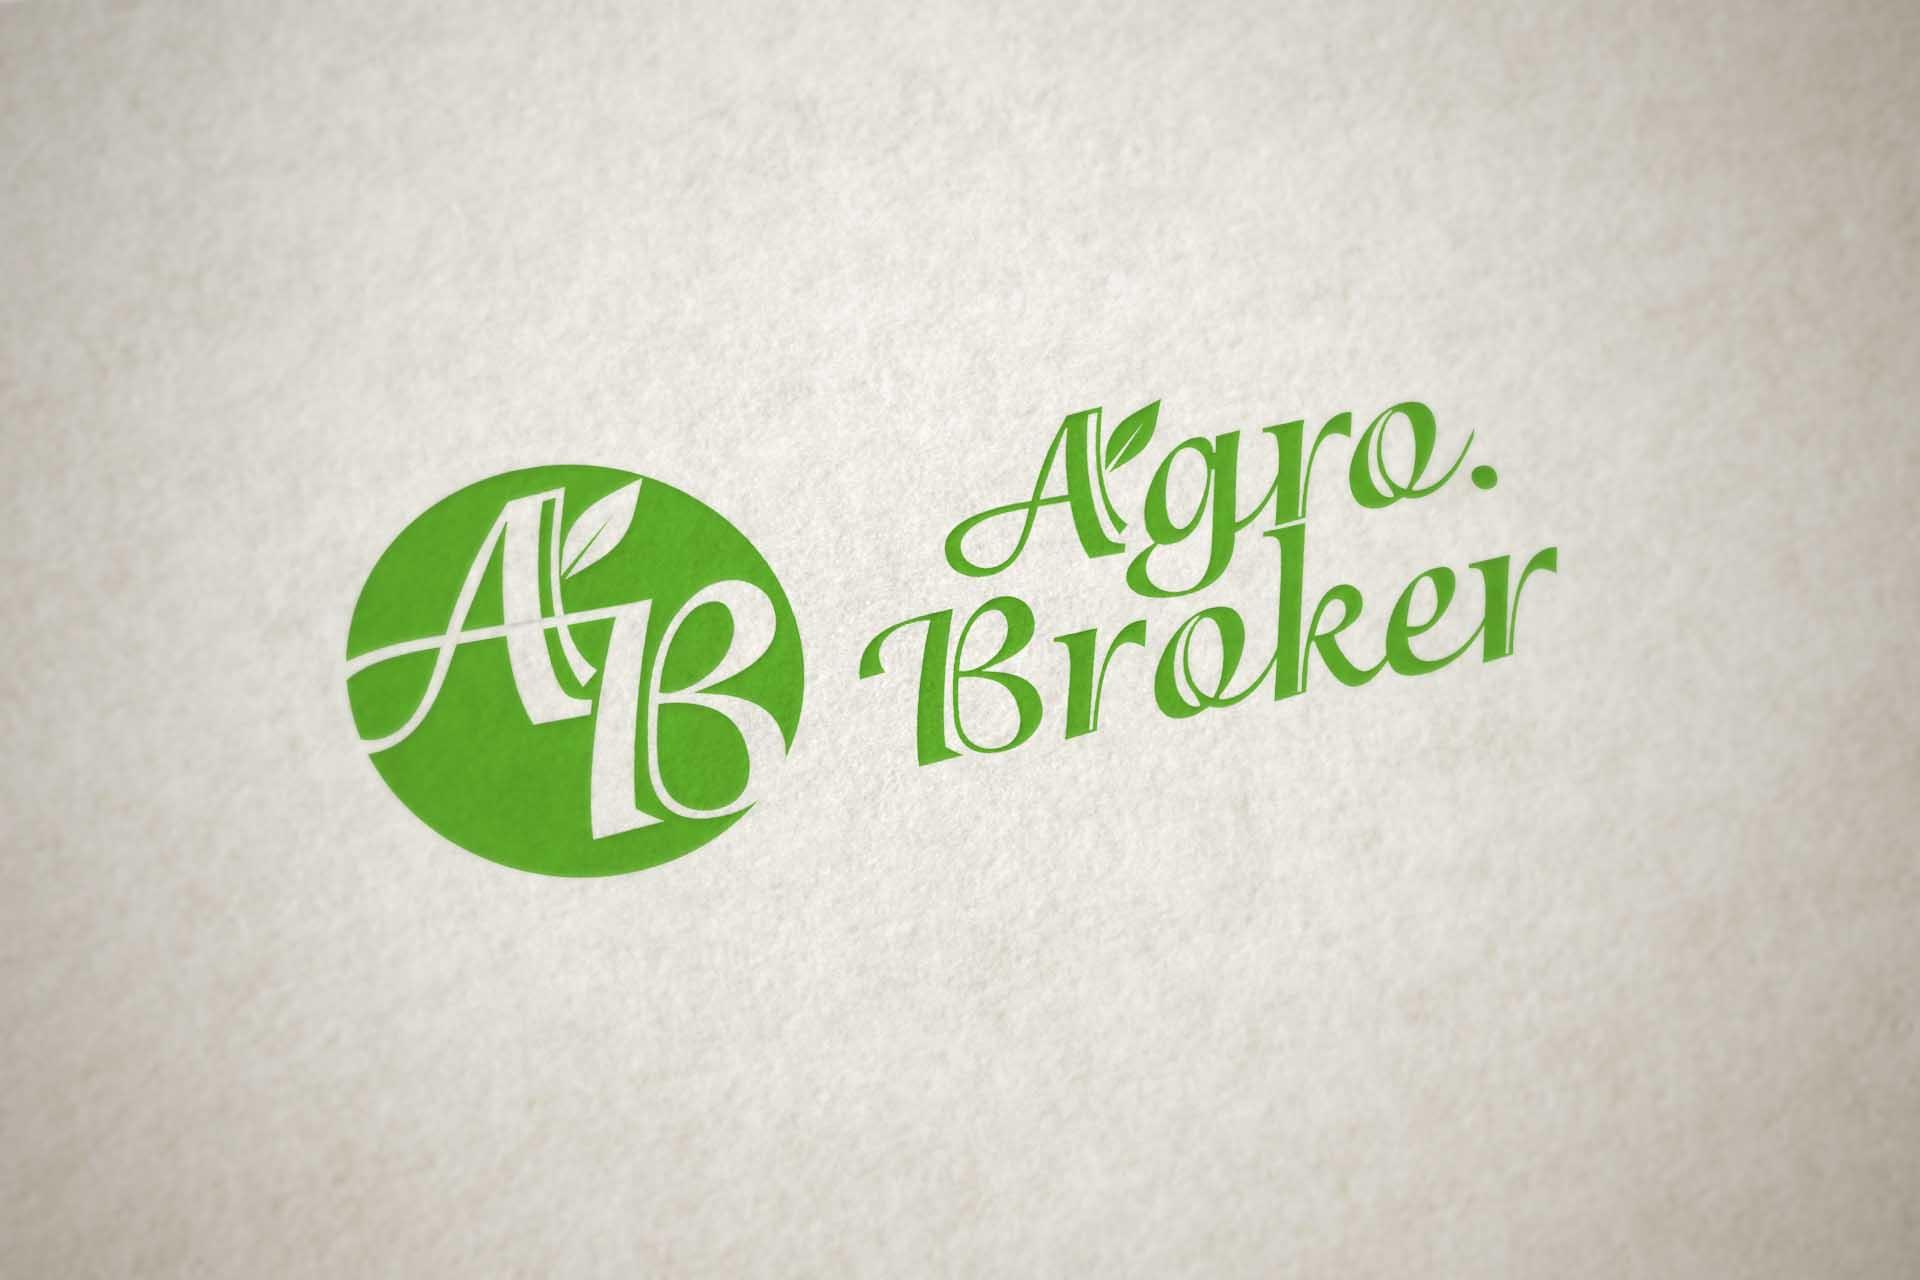 ТЗ на разработку пакета айдентики Agro.Broker фото f_27759712a69810cd.jpg